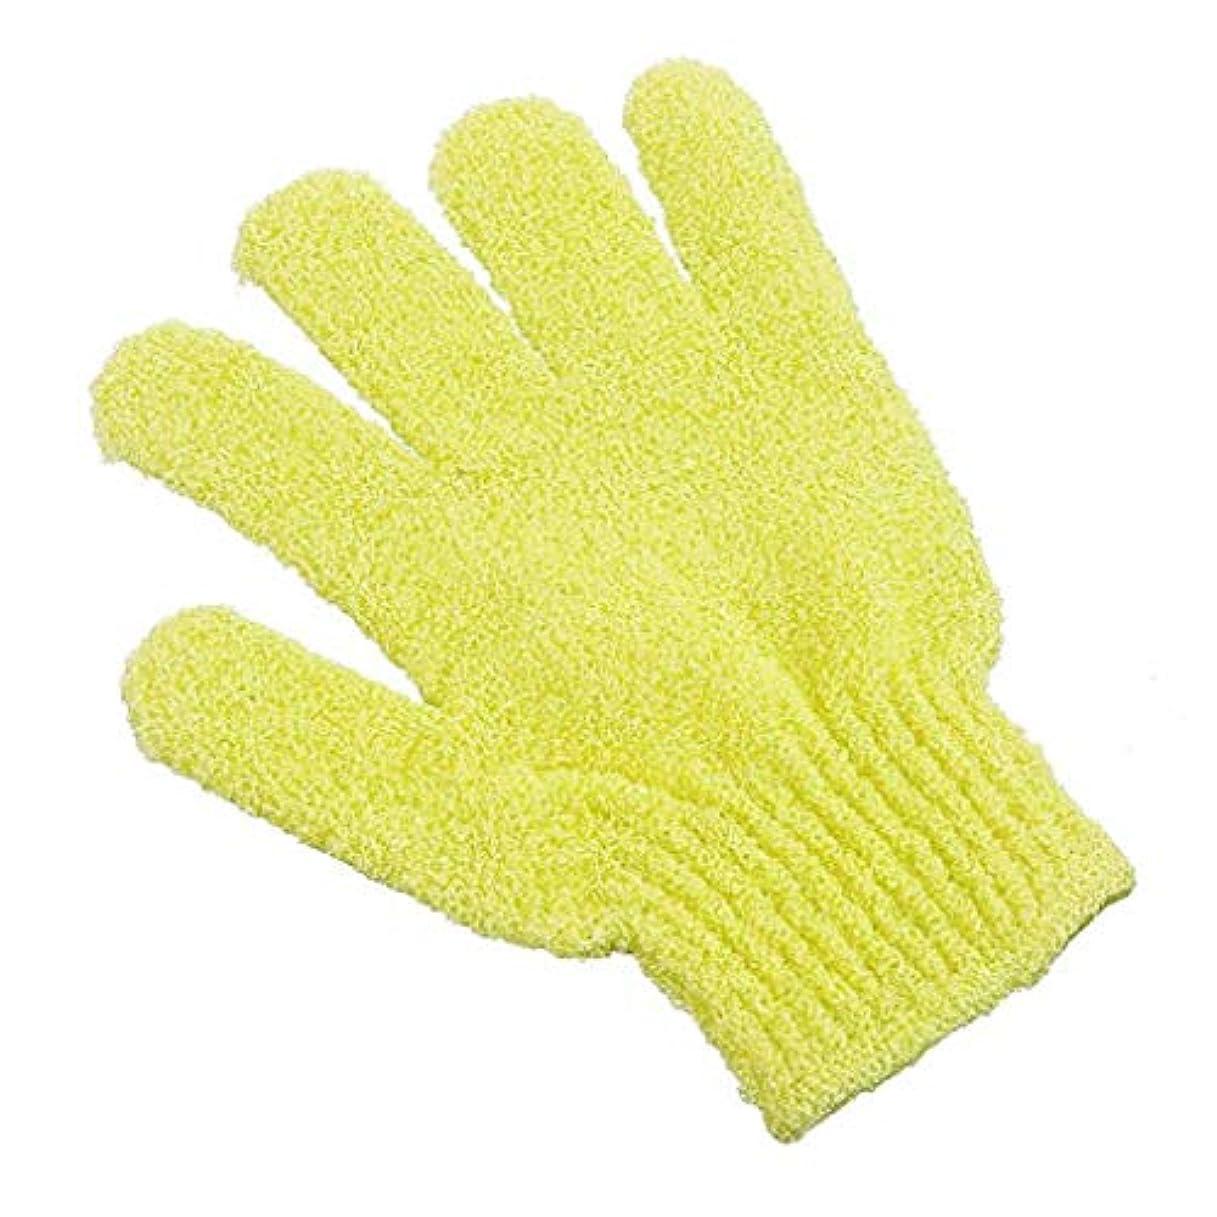 心配する貧しいラバArichops お風呂用手袋 ボディウォッシュ手袋 入浴用品 垢すり用グローブ 抗菌加工 角質除去 泡立ち 男女兼用 便利なループ付け